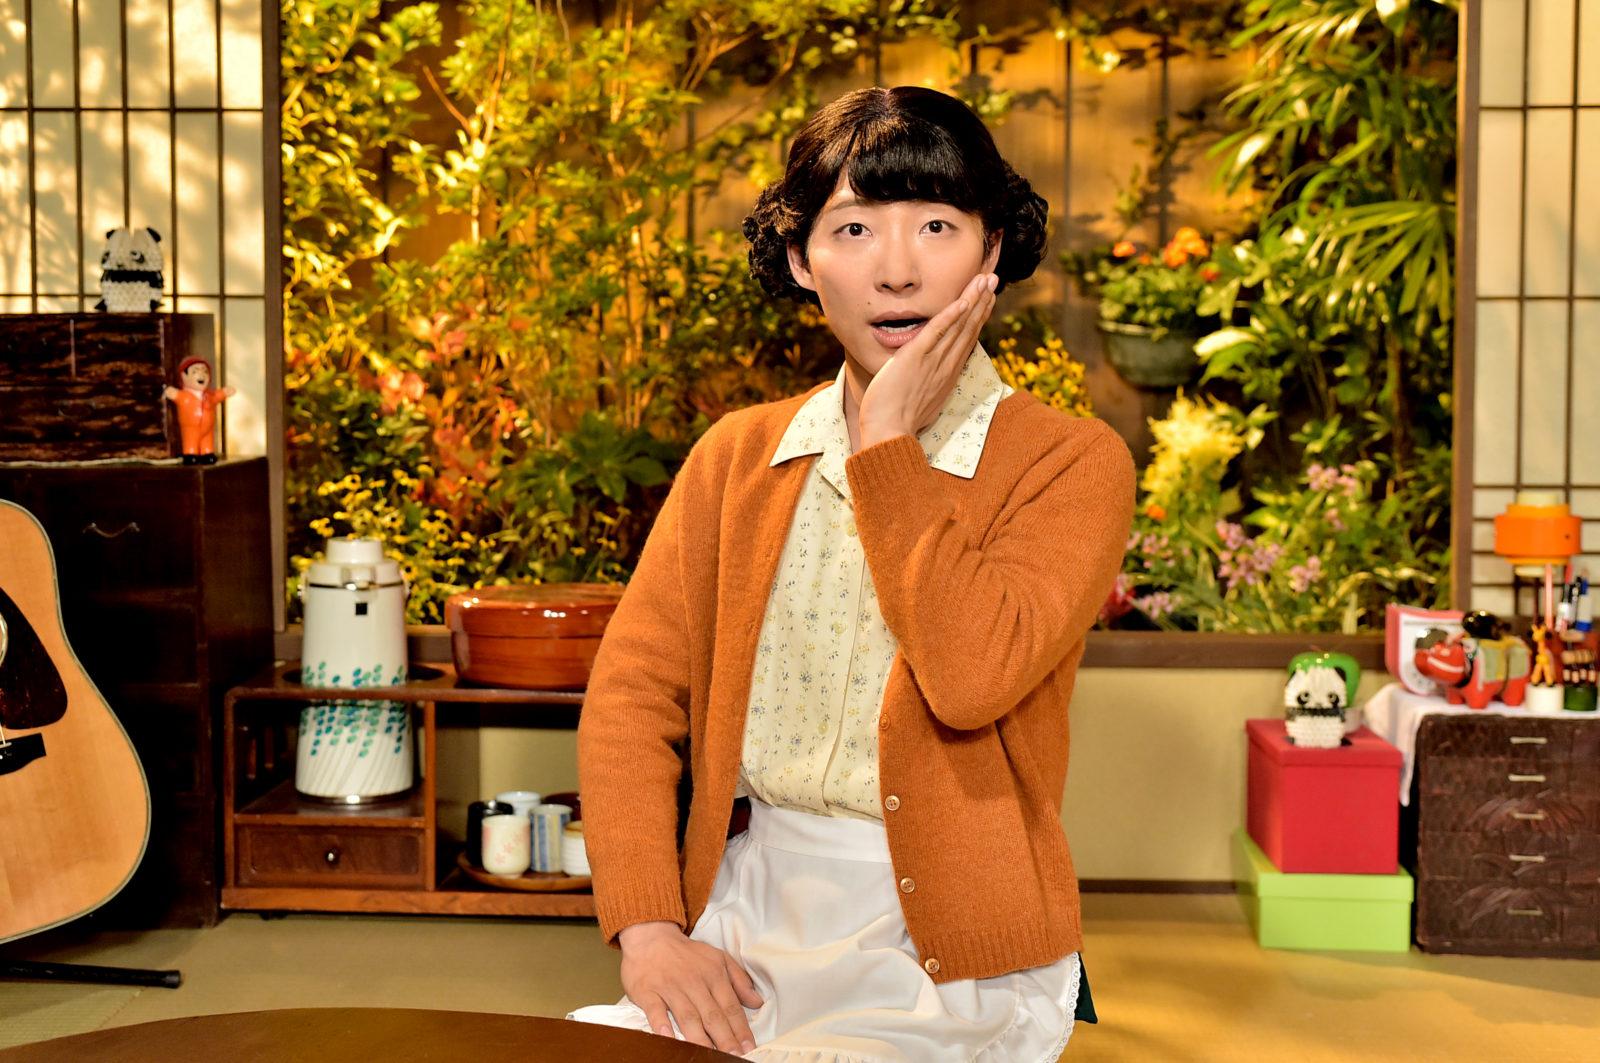 """明日放送の「SONGSスペシャル 星野源」に4ヵ月ぶりのTV出演となる""""おげんさん""""が登場サムネイル画像!"""